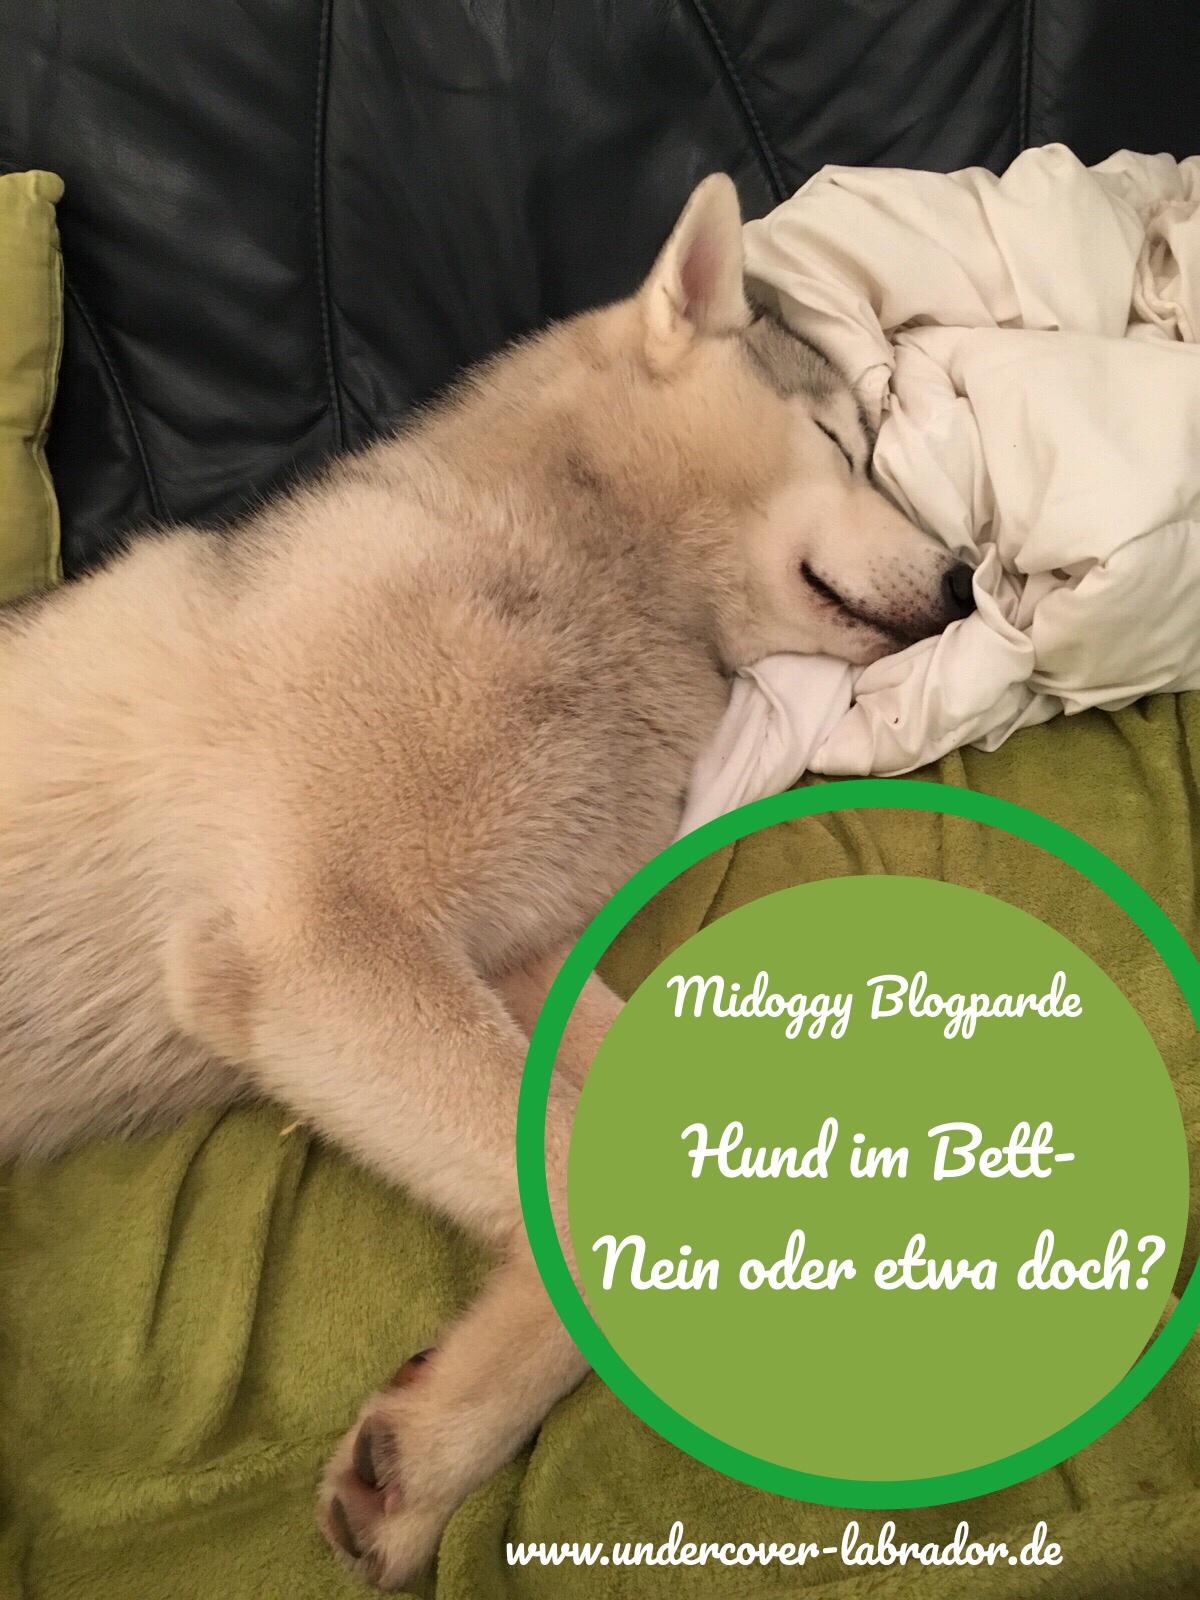 Hund im Bett Nein oder etwas doch?